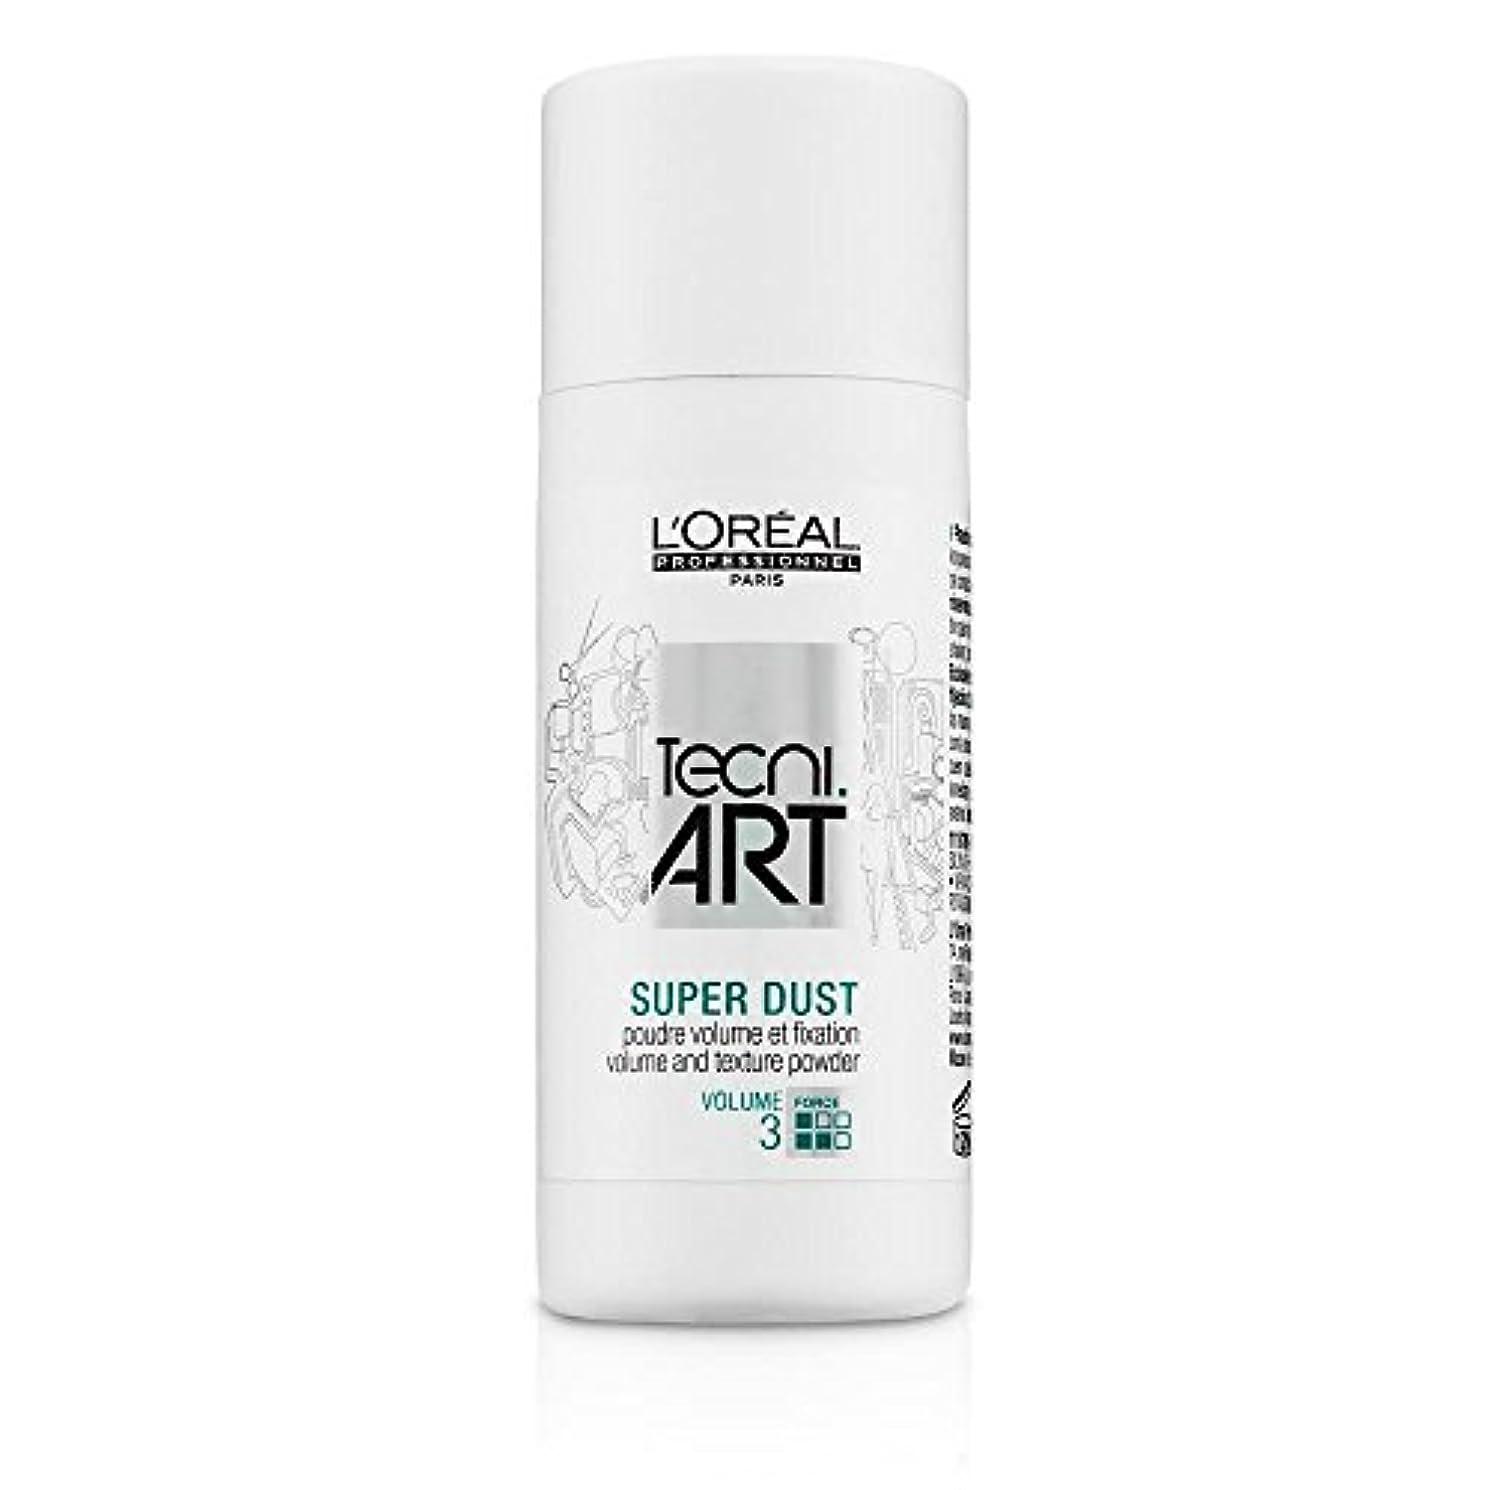 マニュアルトランクデータムL'Oreal Tecni Art Super Dust - Volume And Texture Powder 7g [並行輸入品]